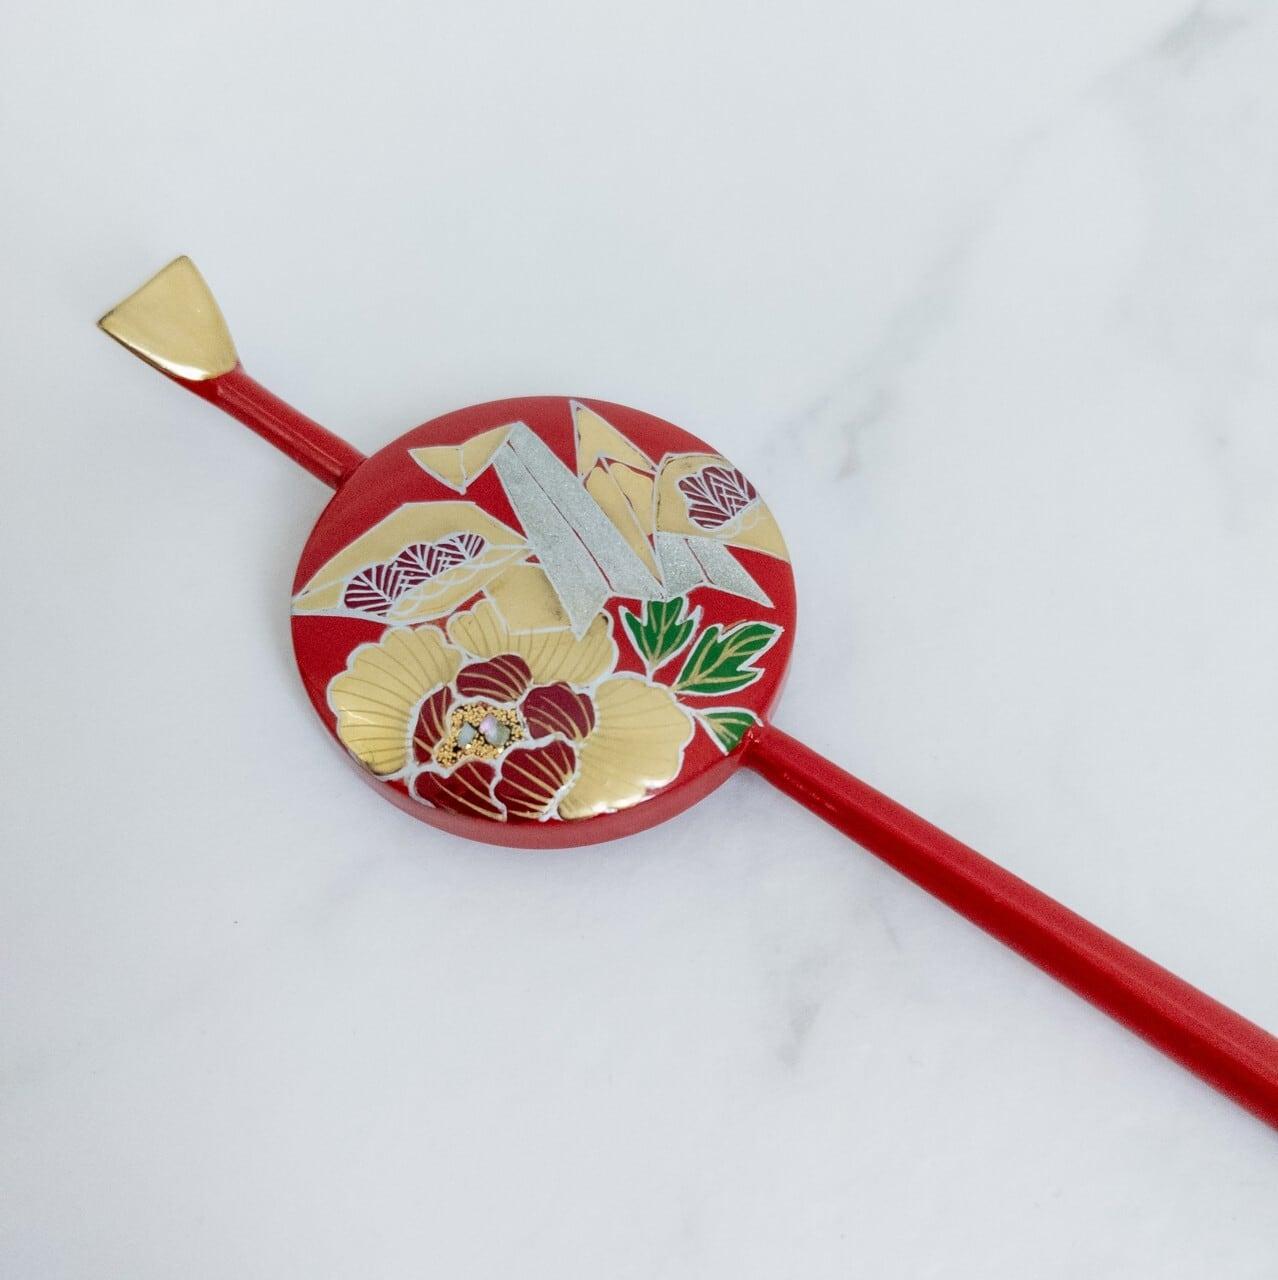 【デッドストック】丸平型かんざし 暗赤色×金色 牡丹に折鶴/竹